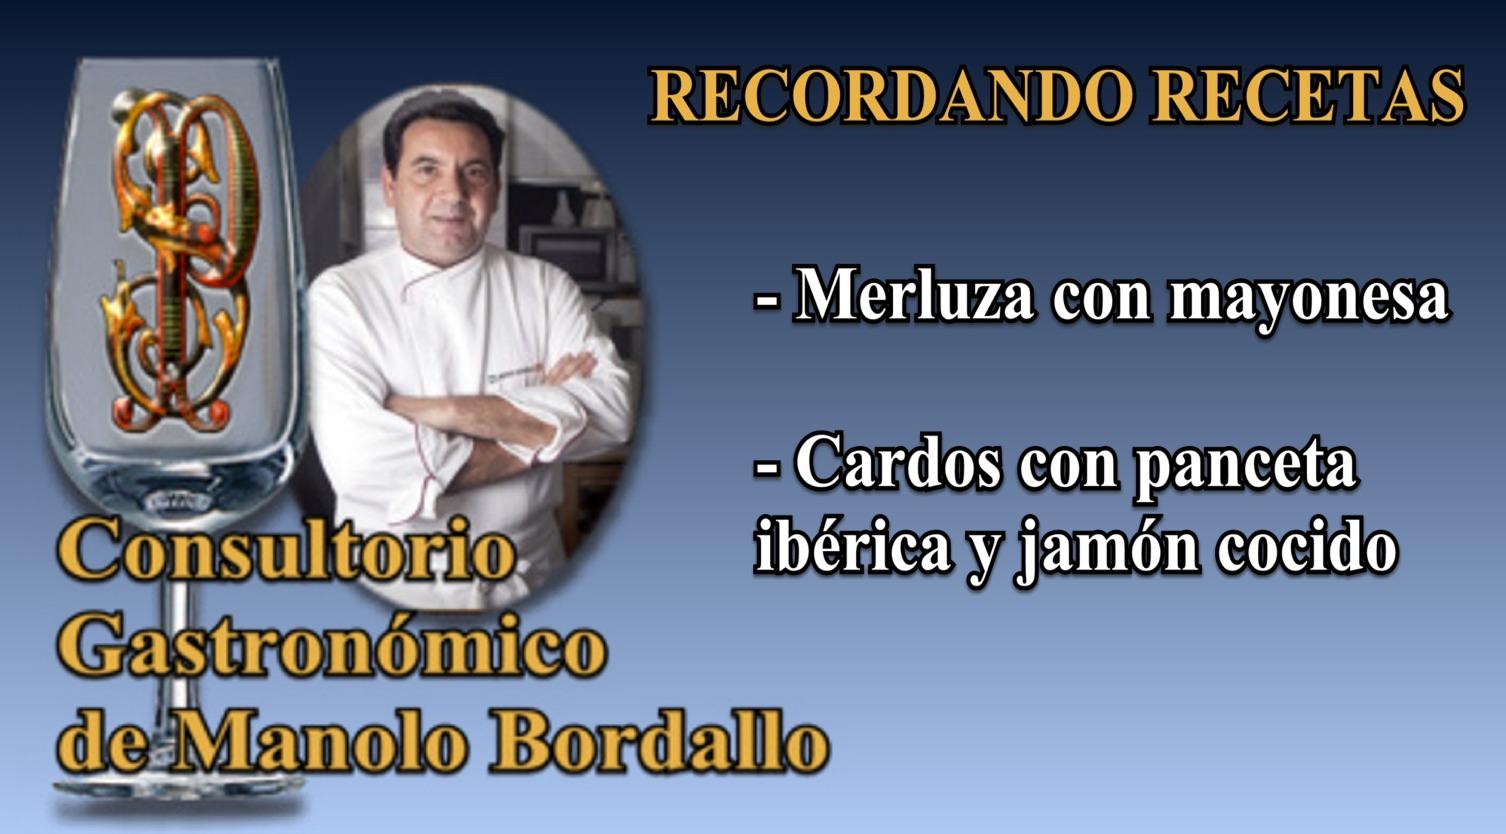 05-recordando-recetas-del-consultorio-gastronomico-de-manolo-bordallo